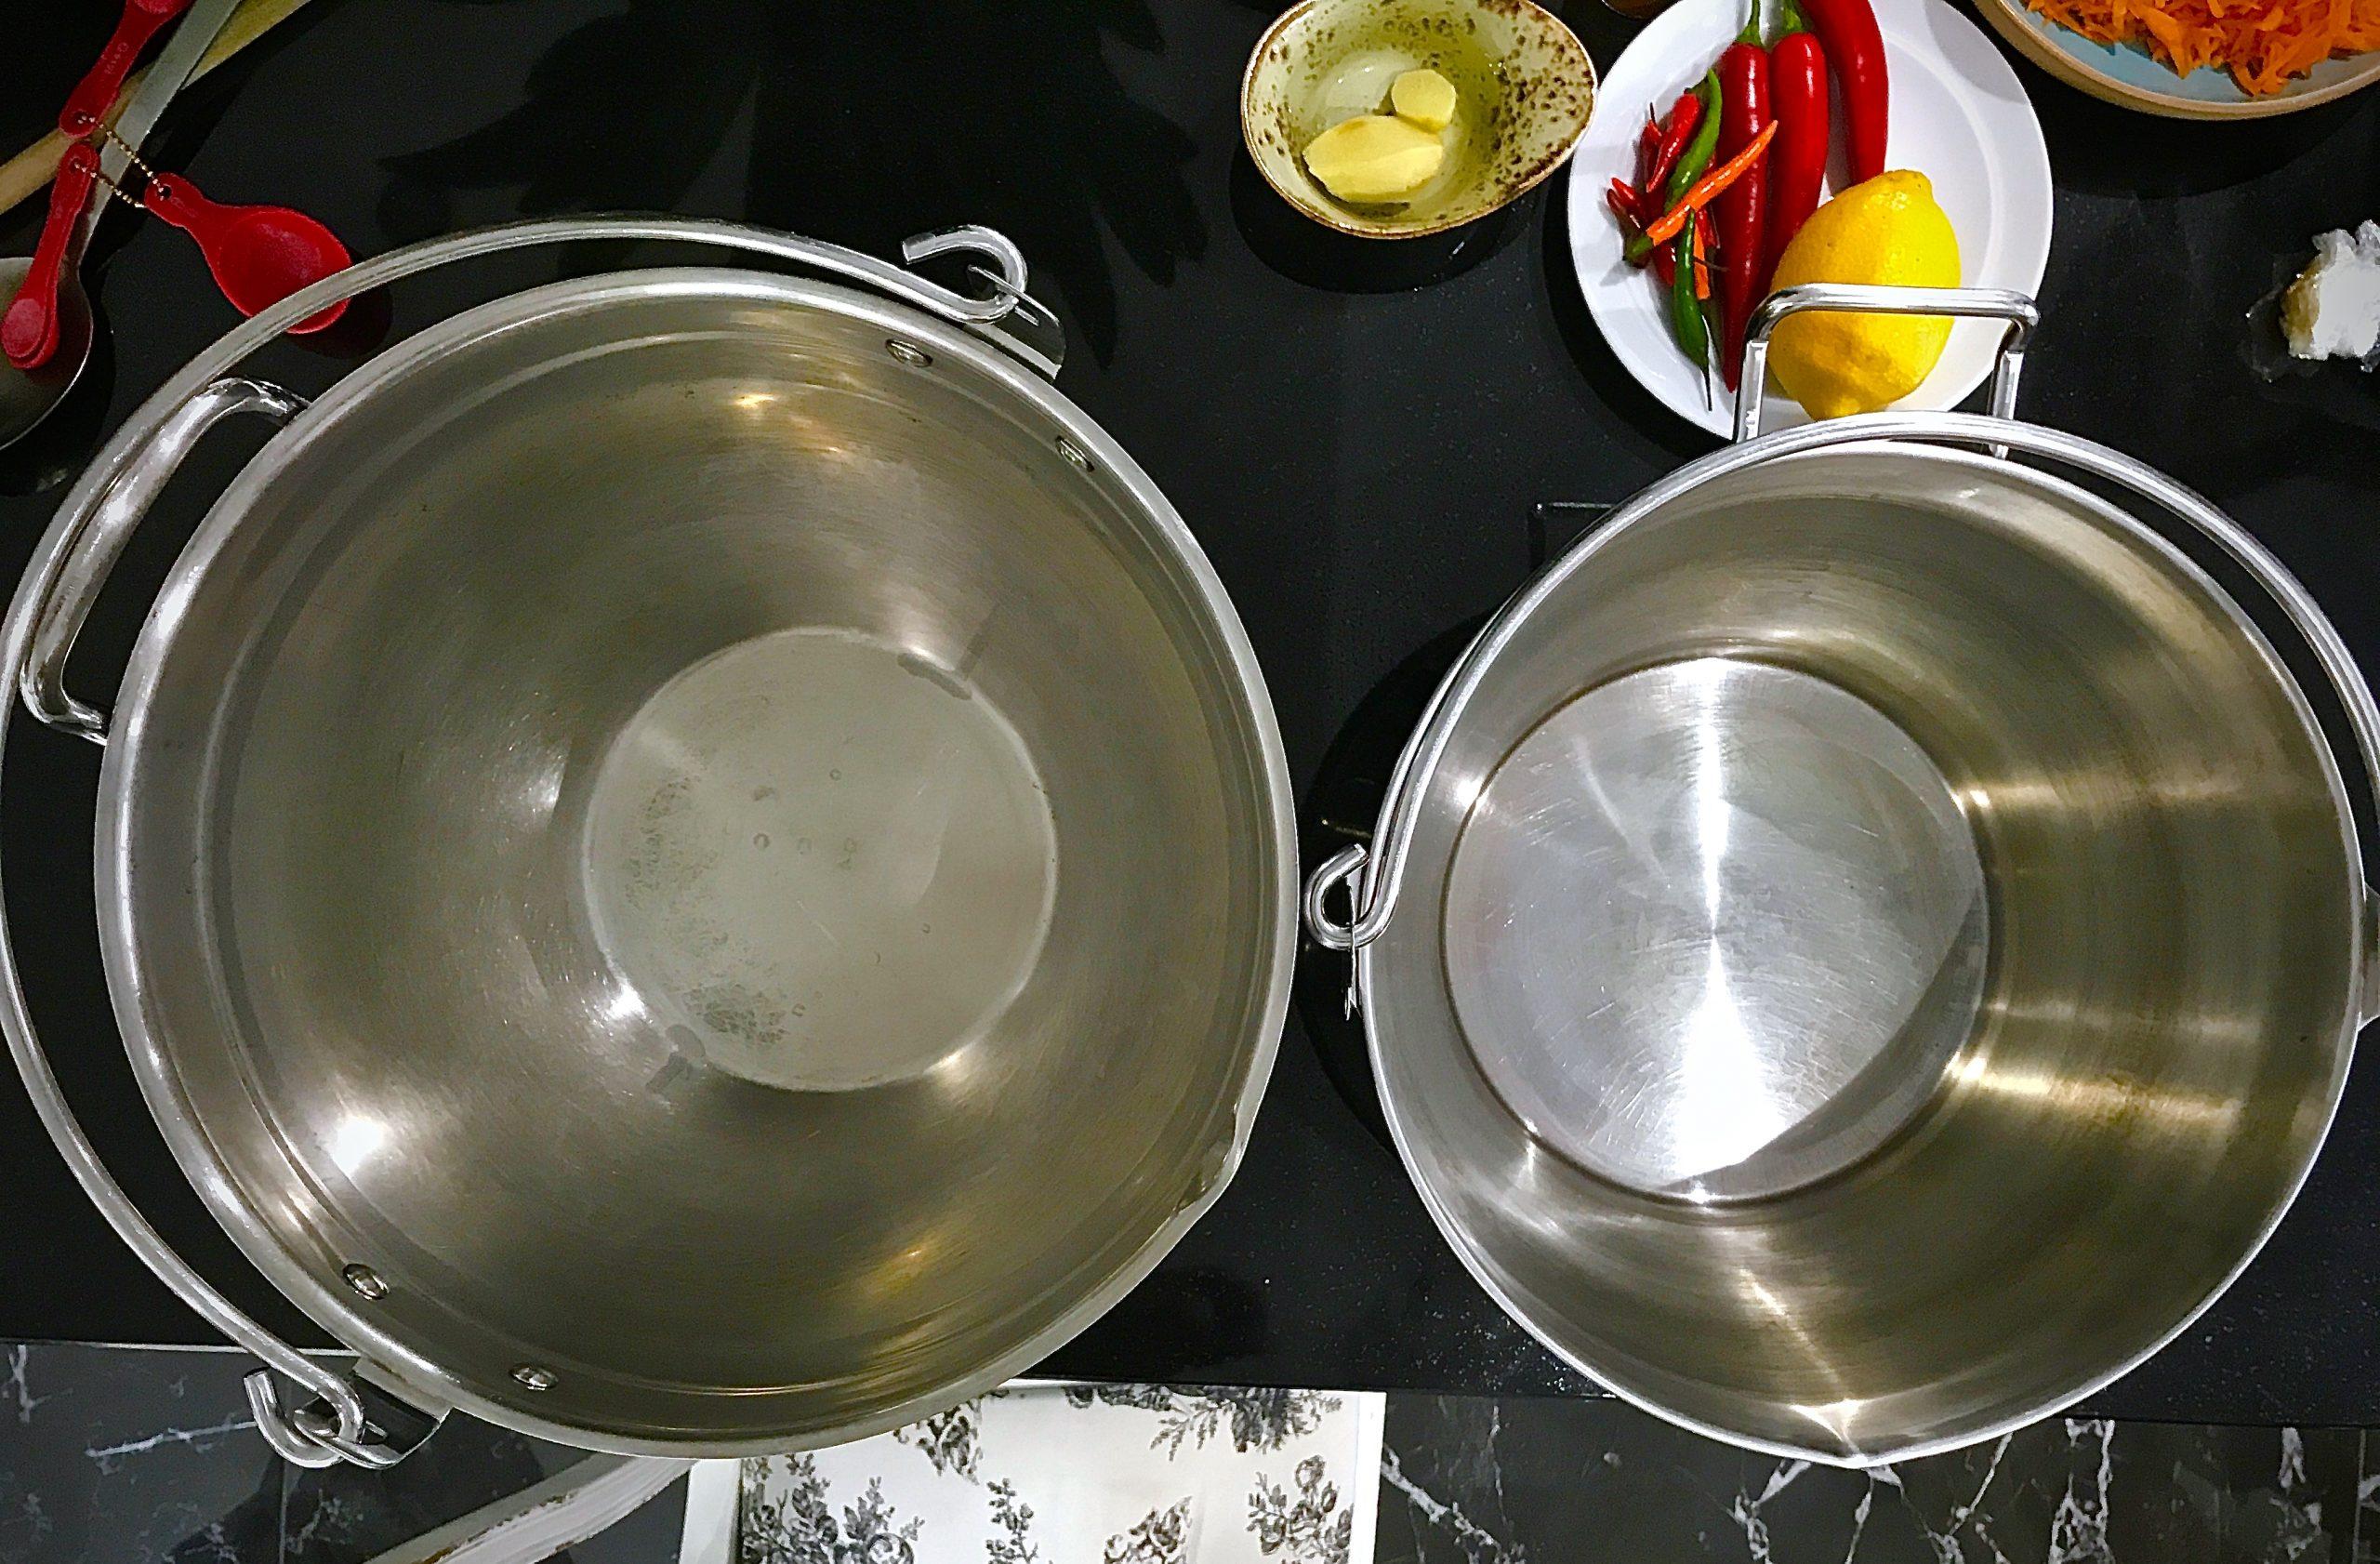 Deep Pan and shallow pan